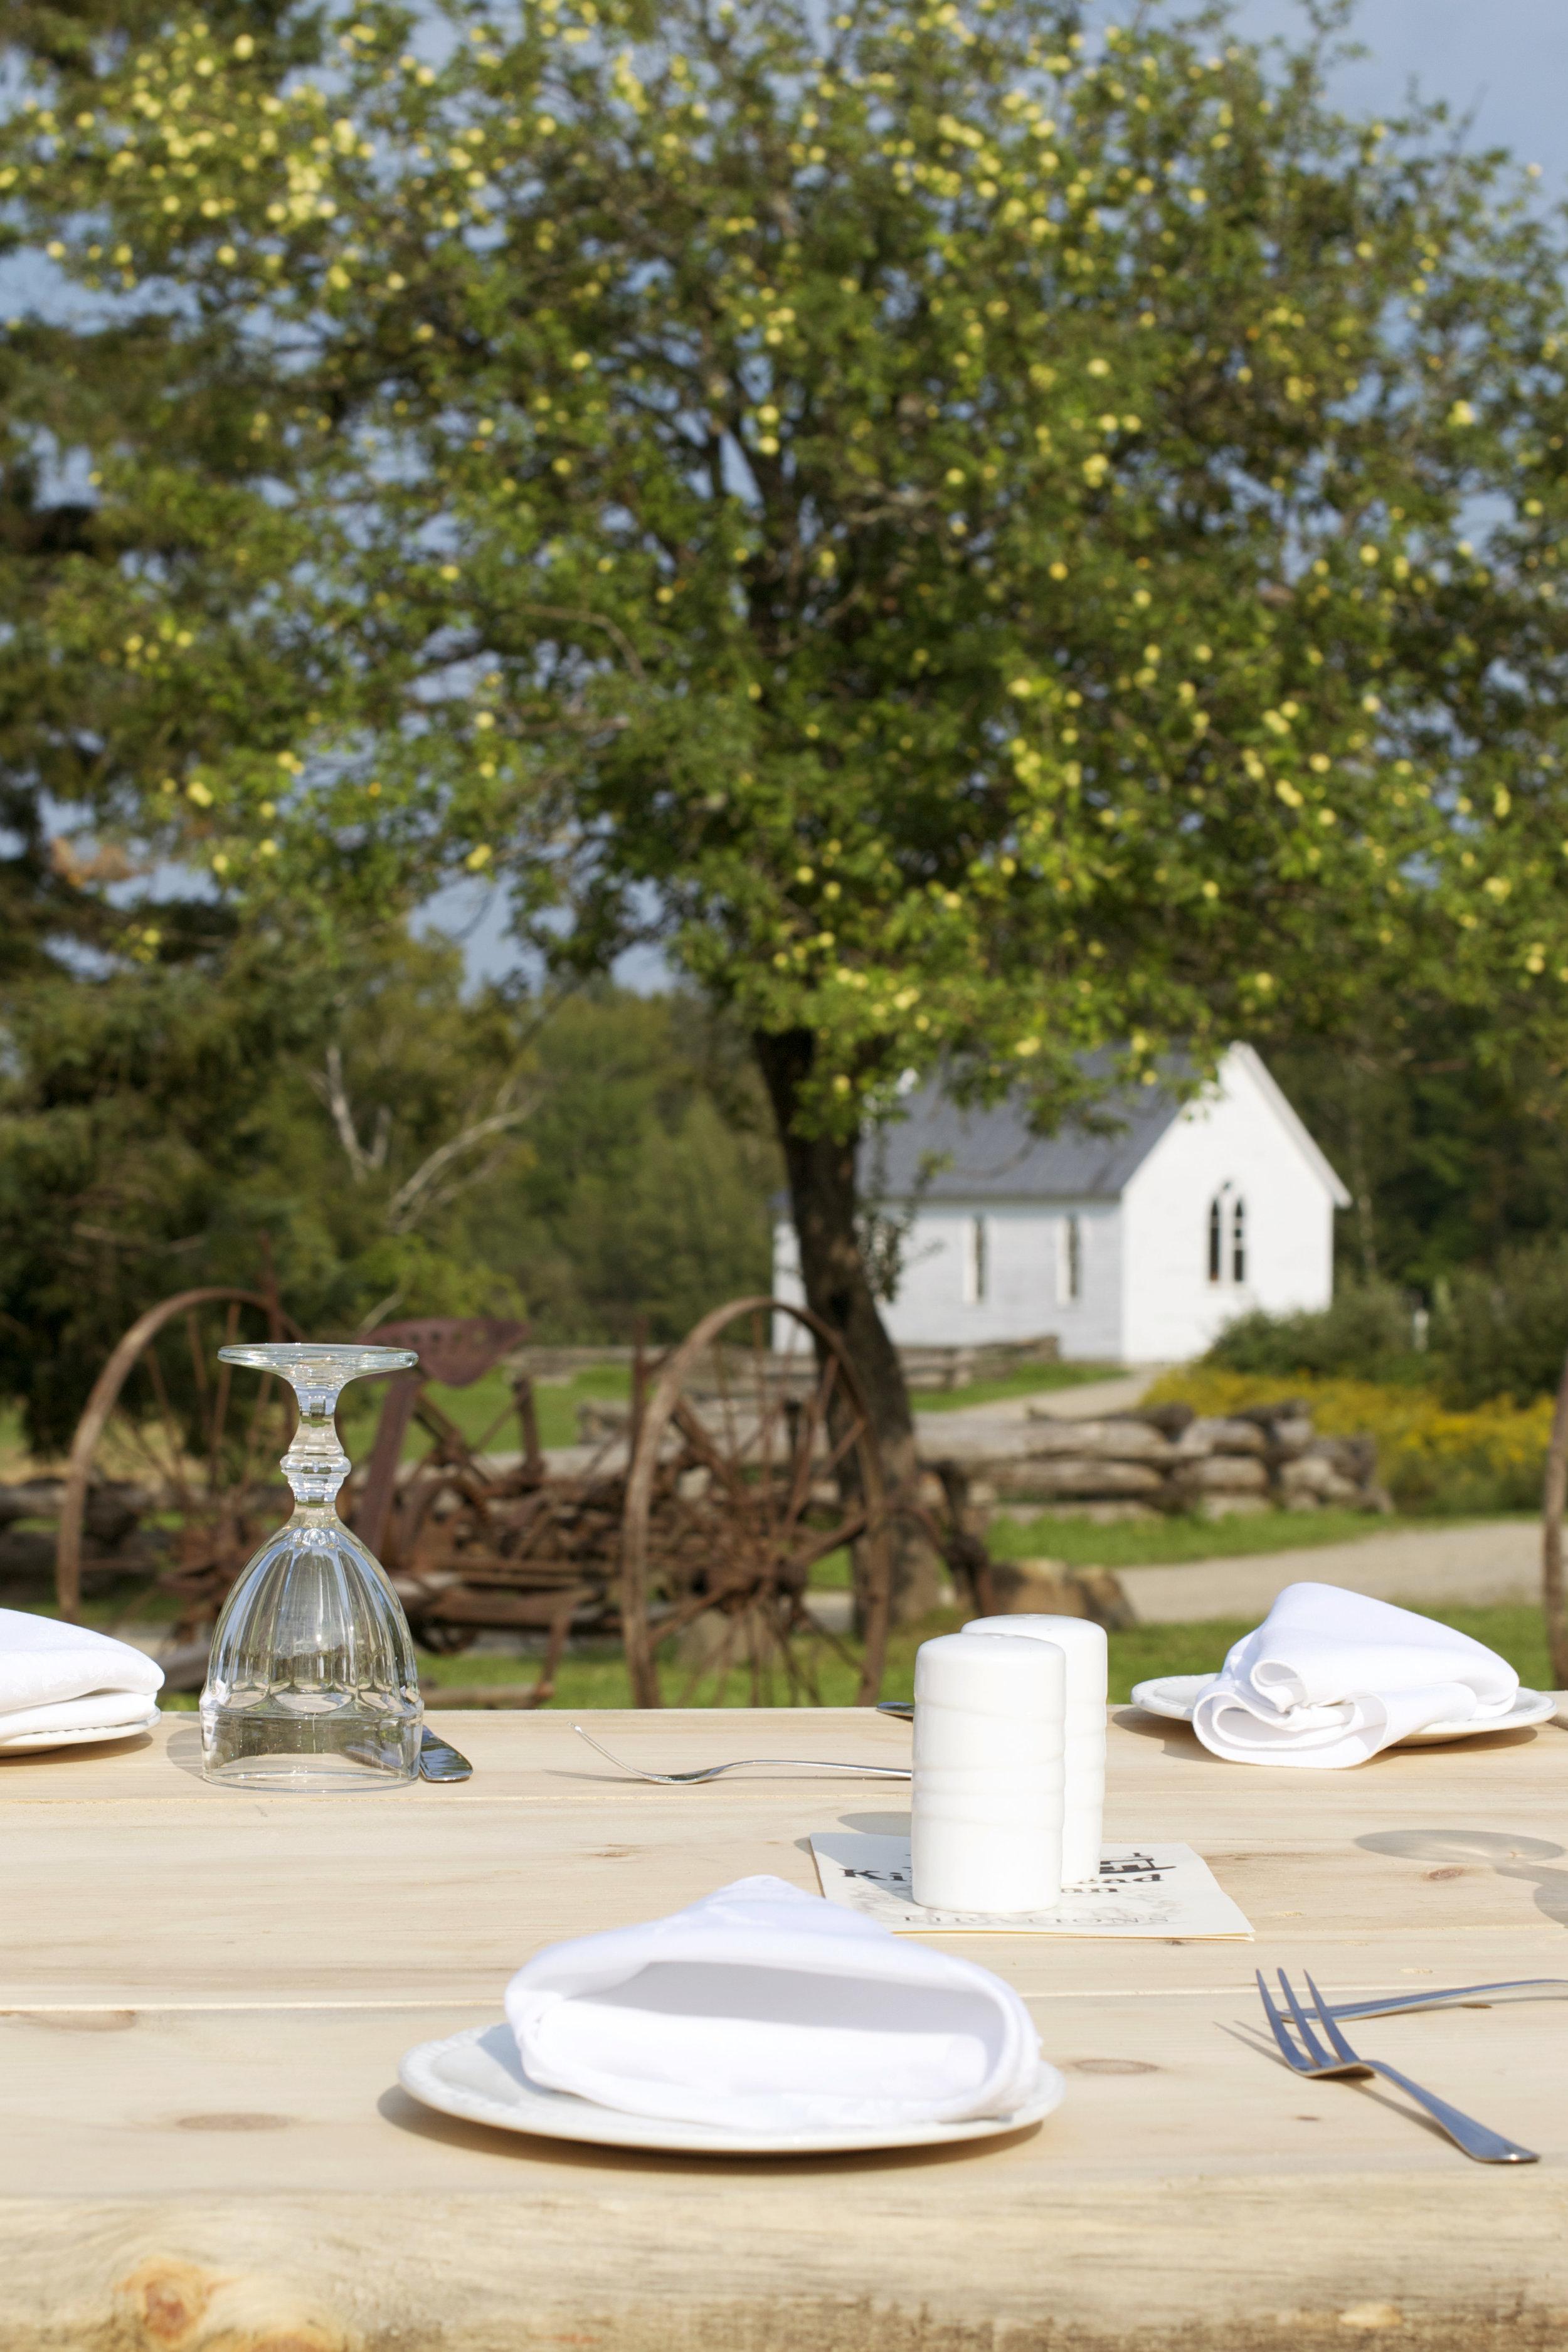 table-view-apple-tree.jpg